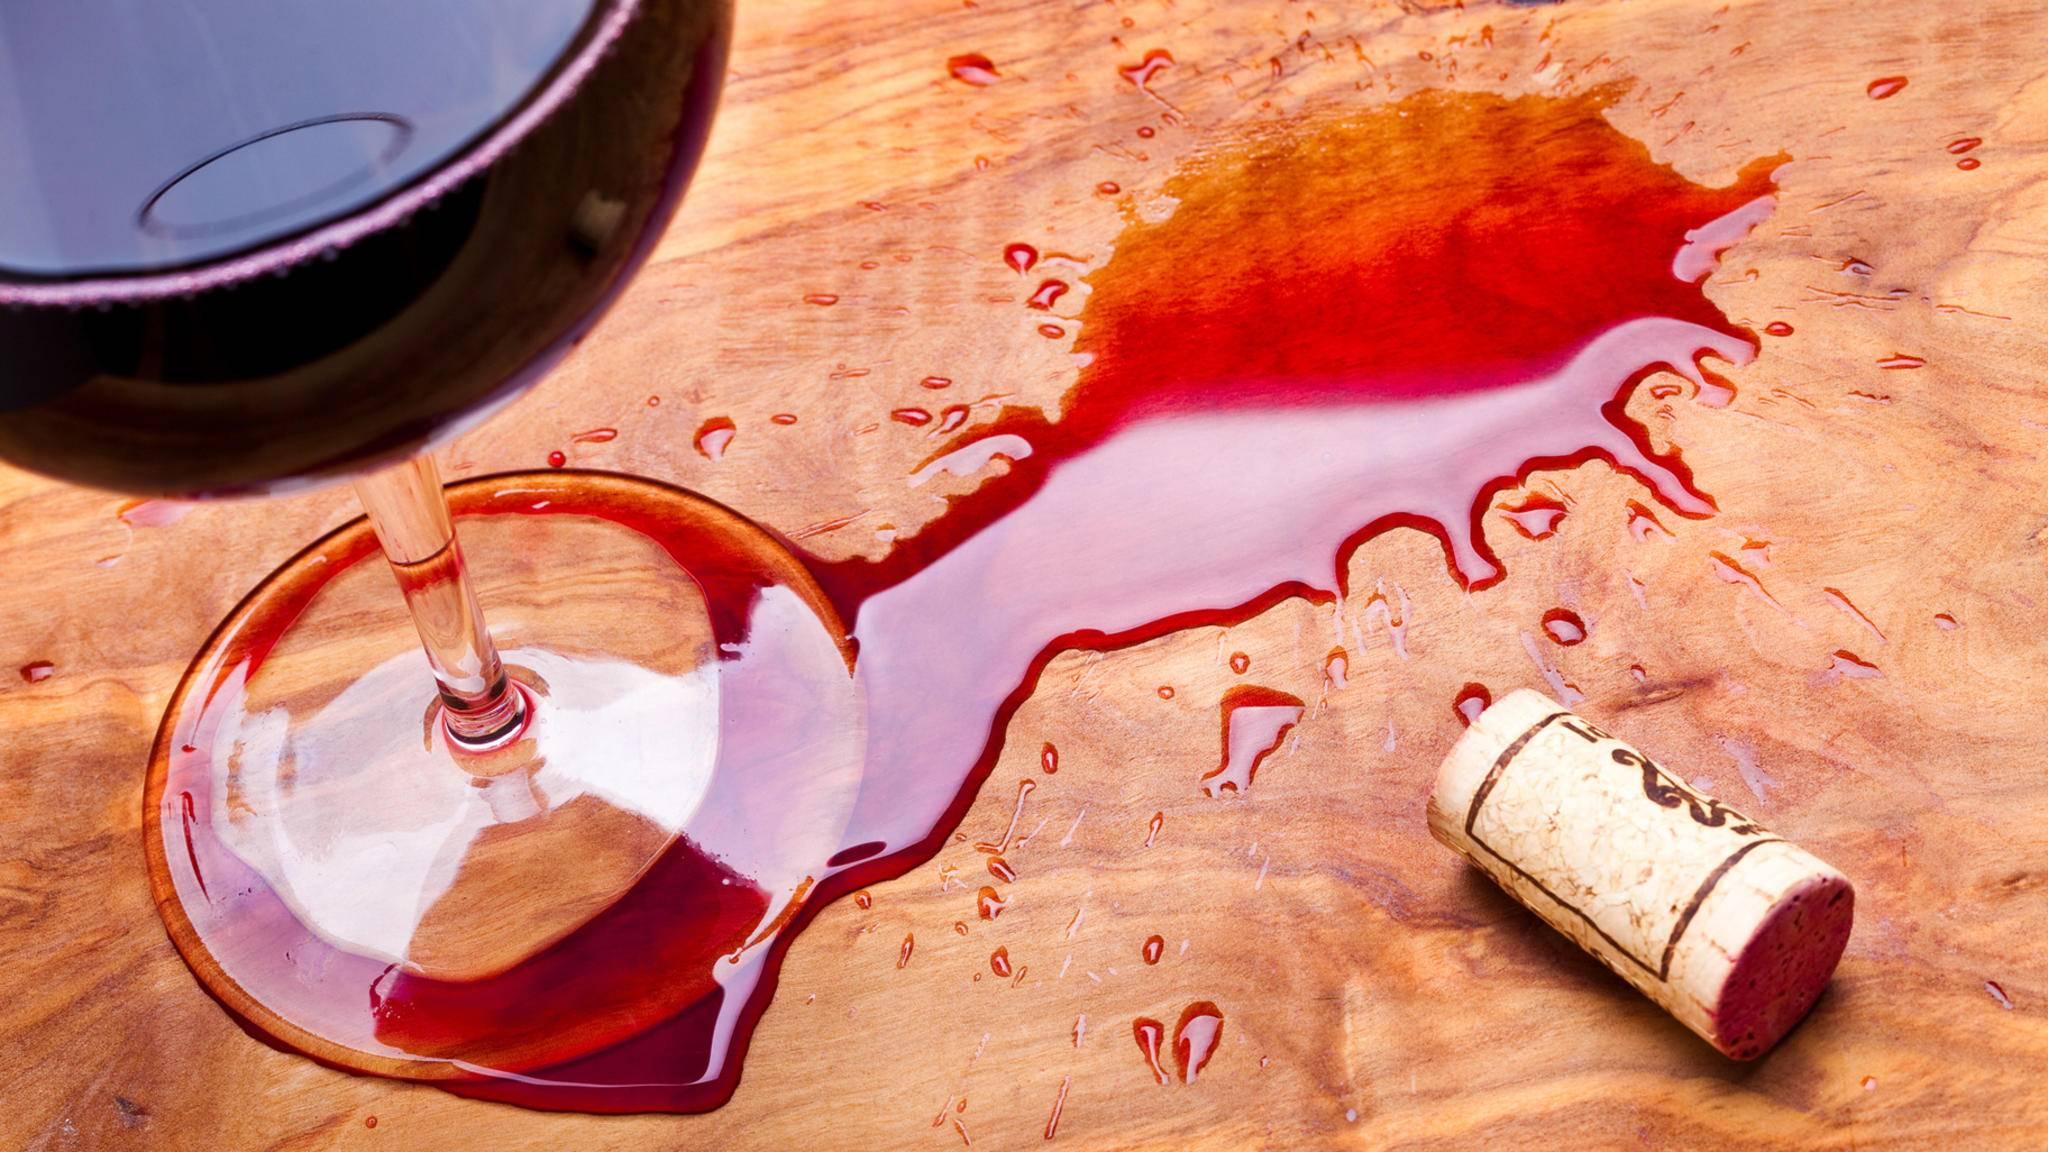 Leicht ist Rotwein verschüttet: Während er sich von der Tischplatte noch leicht entfernen lässt, solltest Du bei Flecken auf der Kleidung schnell handeln.